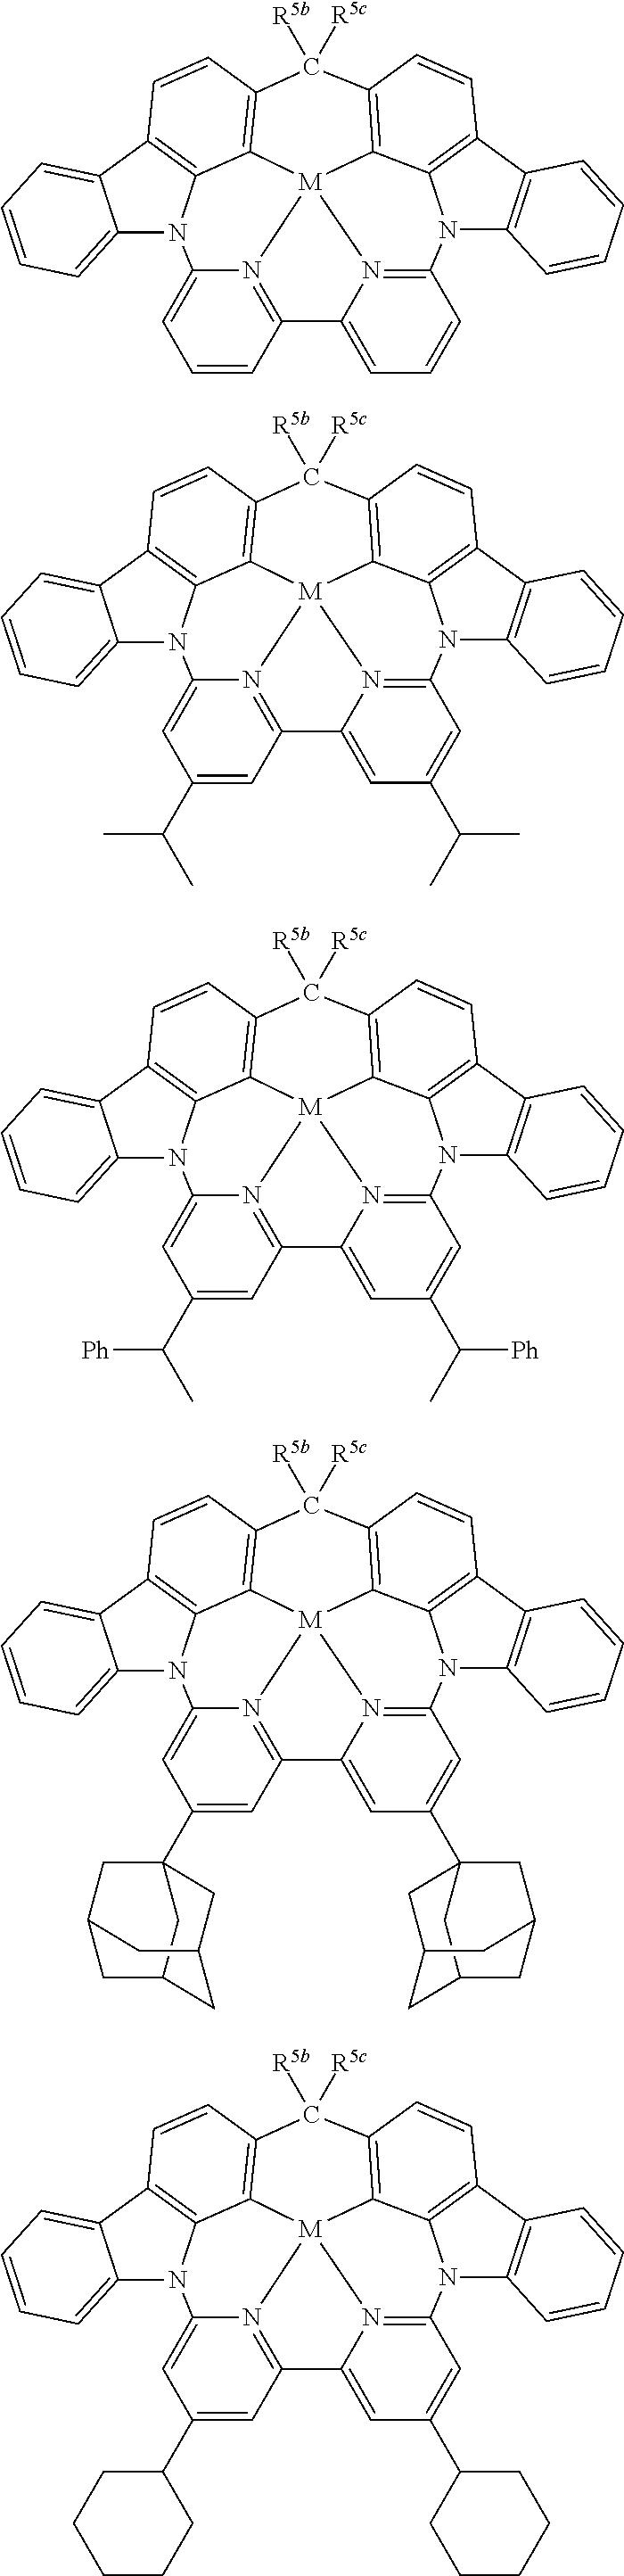 Figure US10158091-20181218-C00073